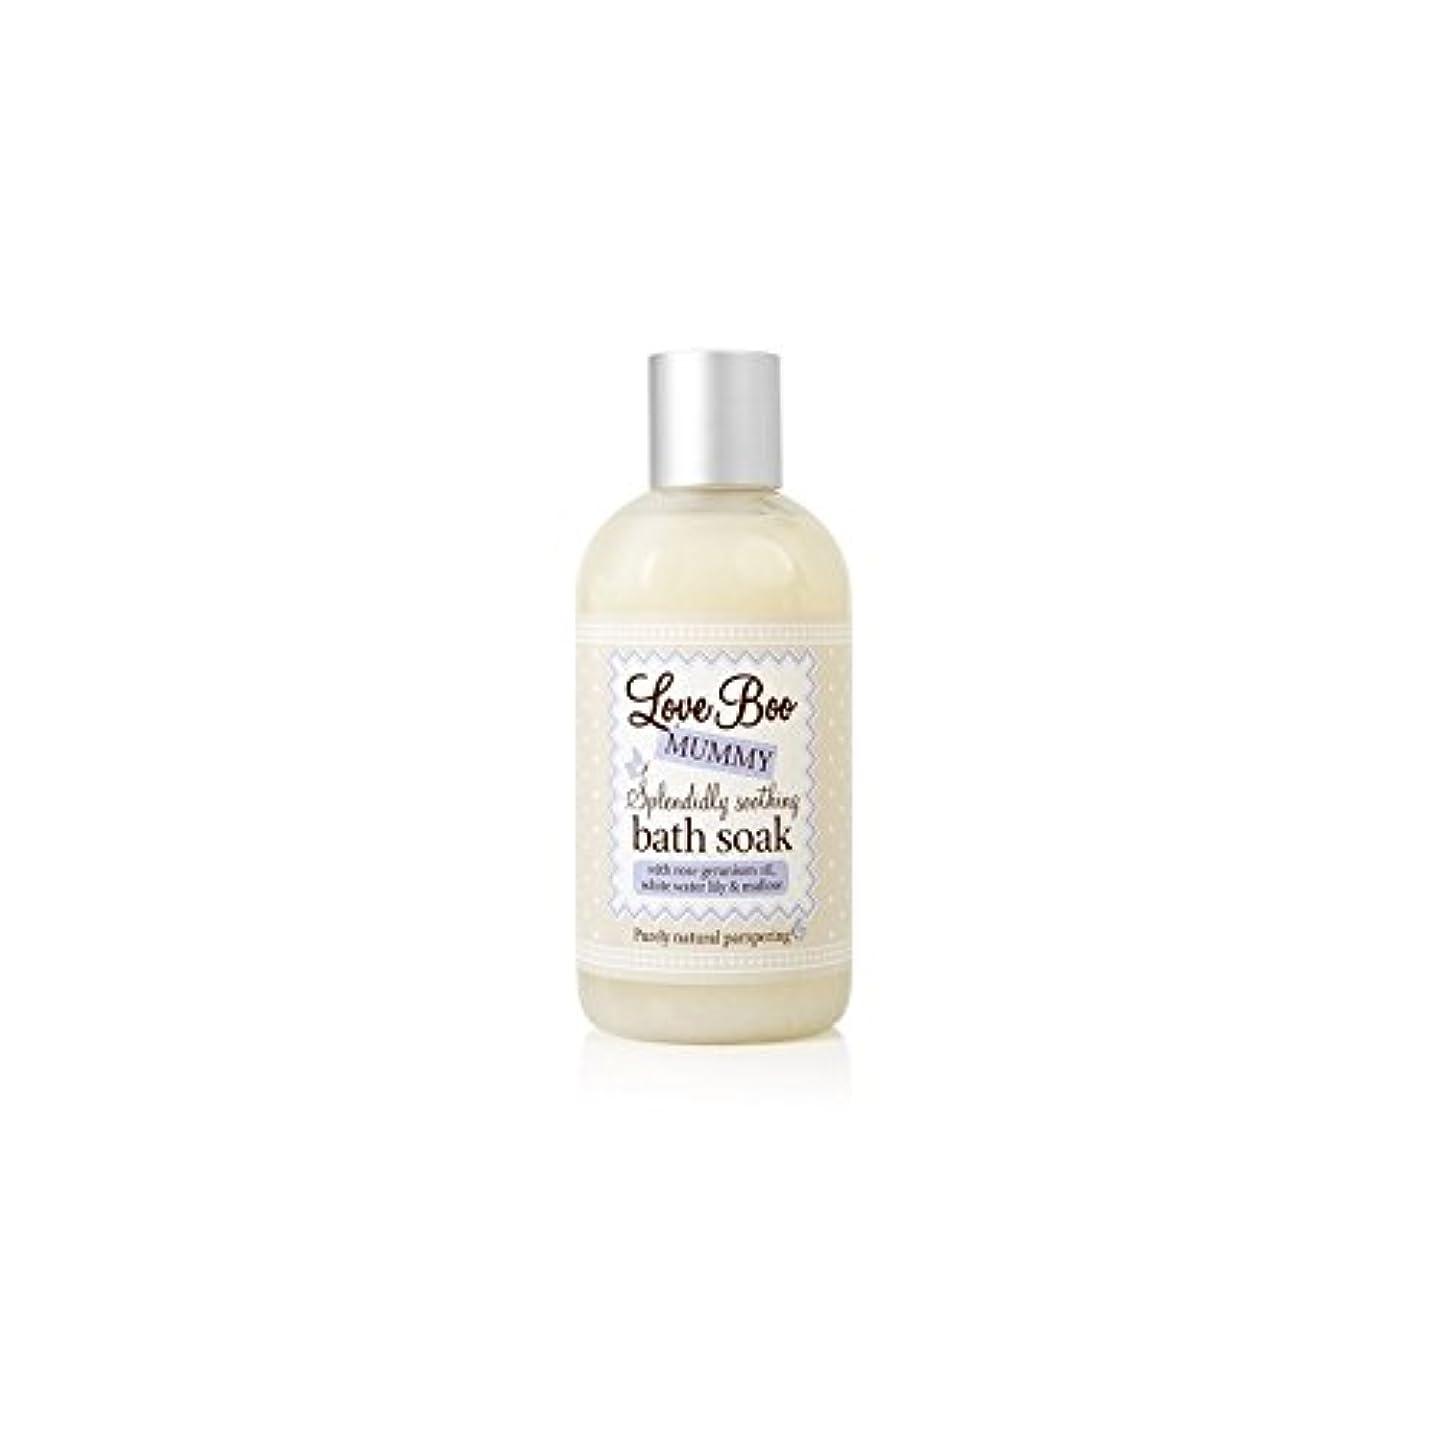 電子スリット美的Love Boo Splendidly Soothing Bath Soak (250ml) (Pack of 6) - ブーイング見事なだめるようなお風呂が大好き(250ミリリットル)を浸します x6 [並行輸入品]